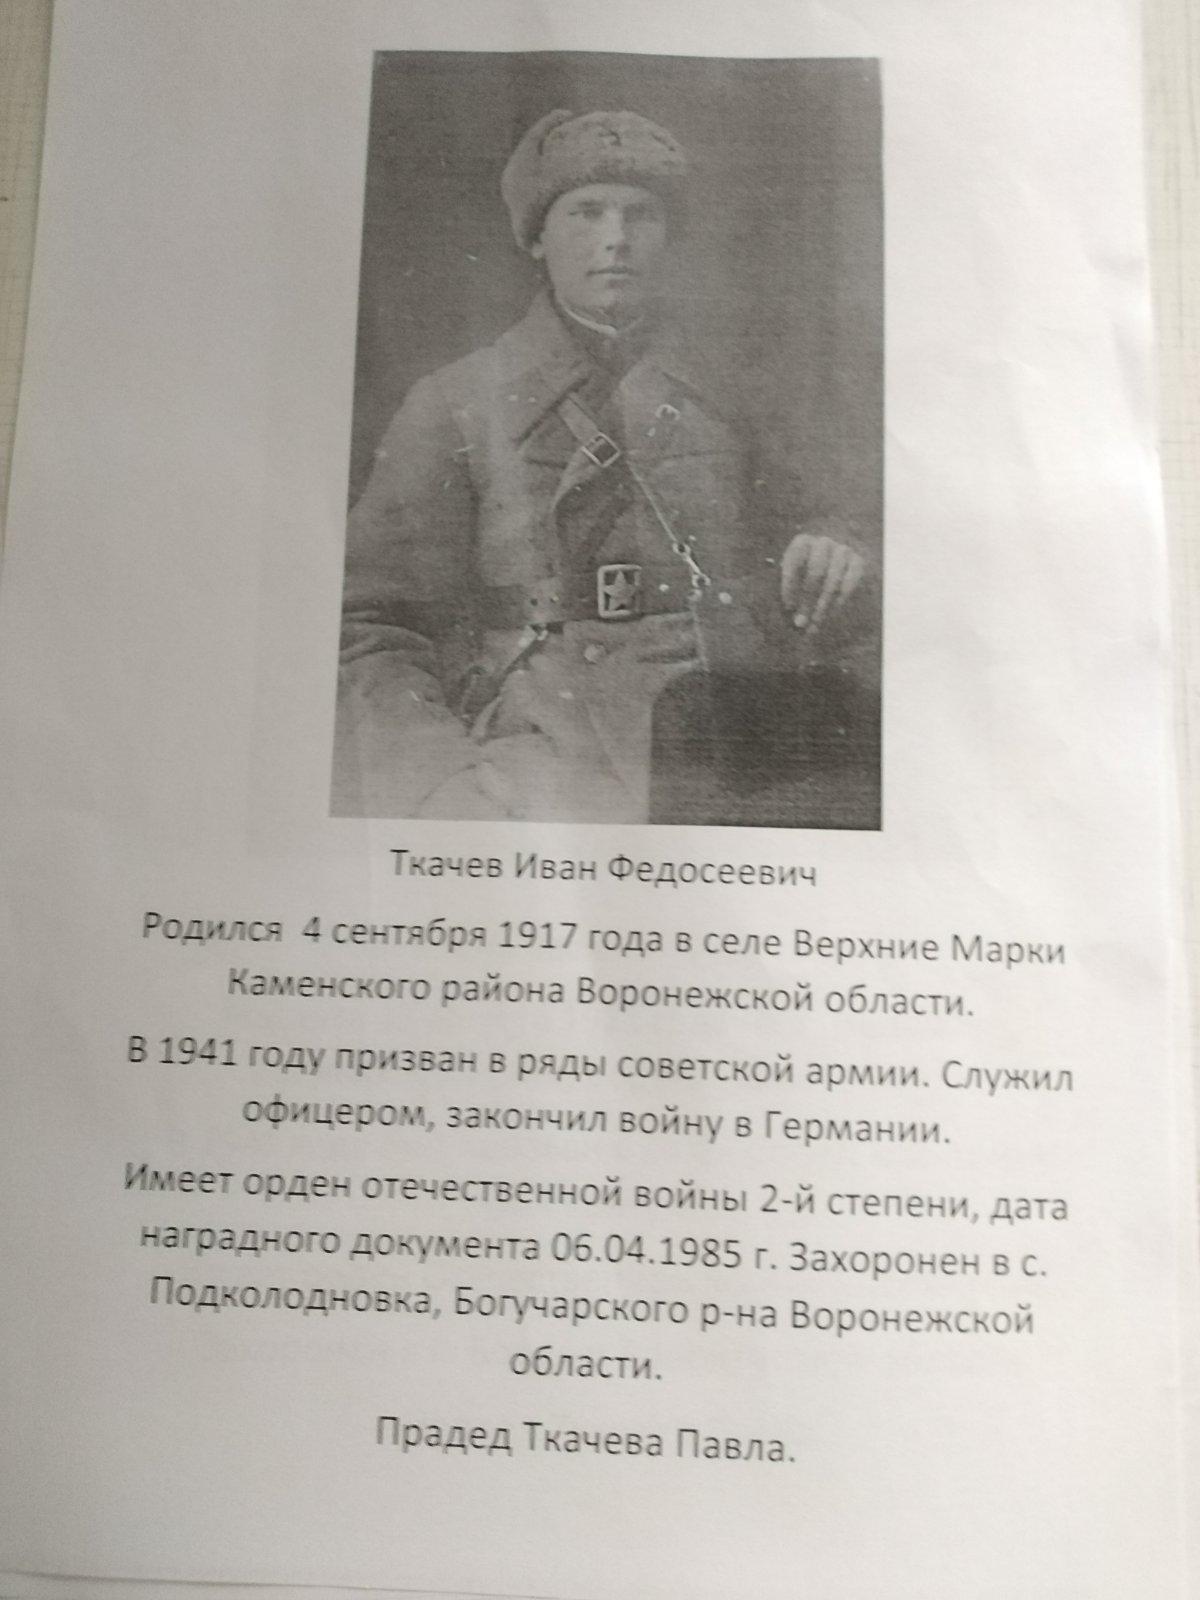 http://vrnschool85.ucoz.ru/19-20/tkachev_praded2.jpg